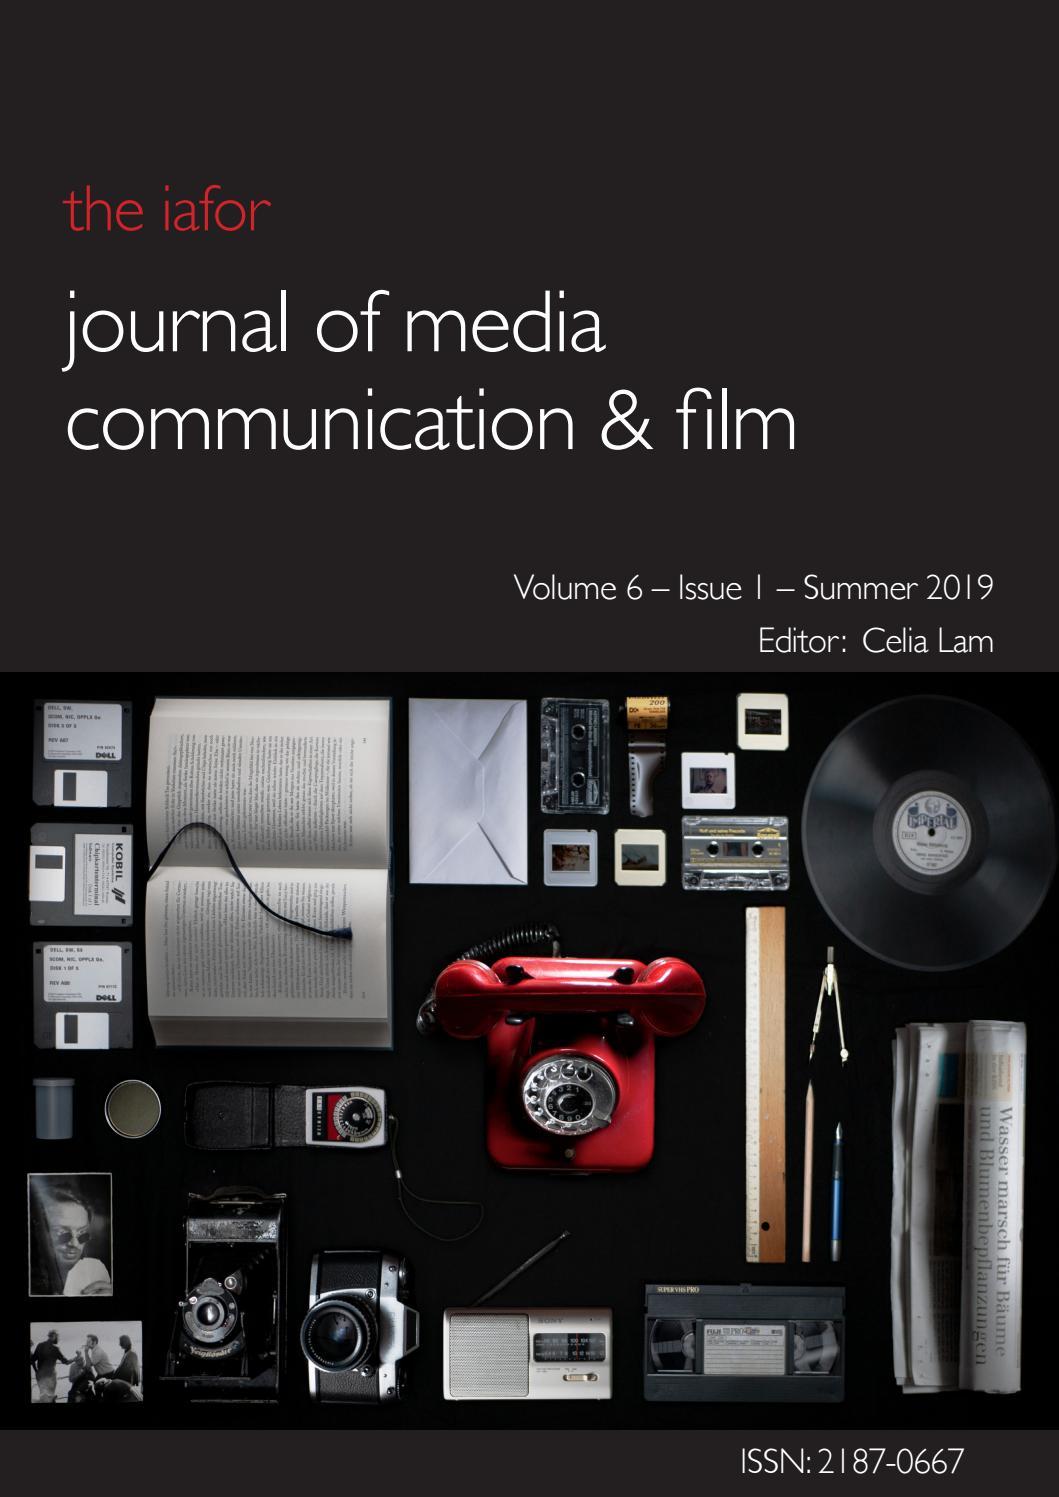 IAFOR Journal of Media, Communication & Film Volume 6